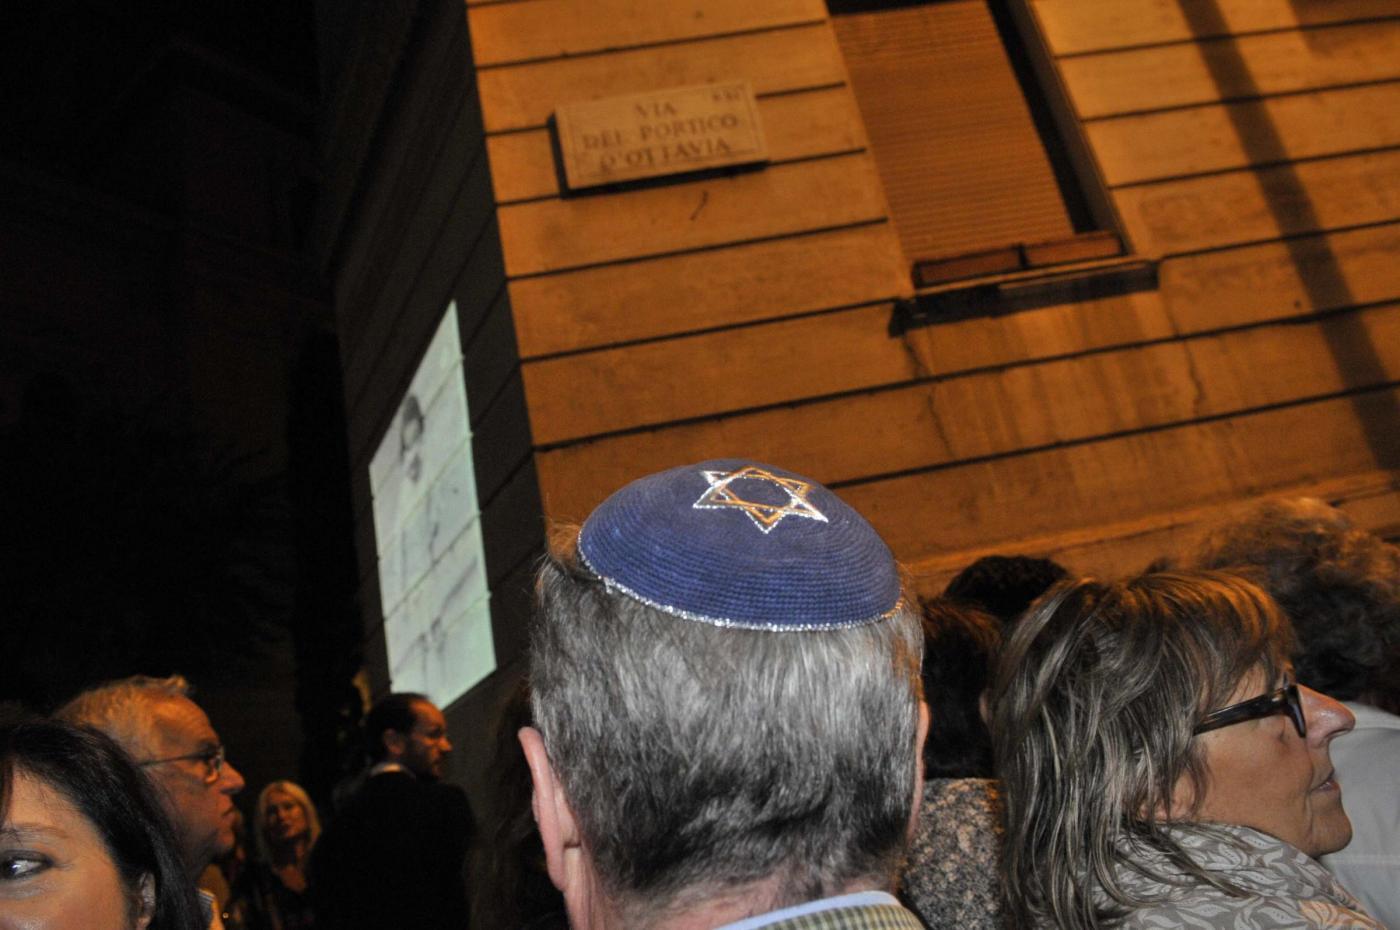 Comunità ebraica a Roma